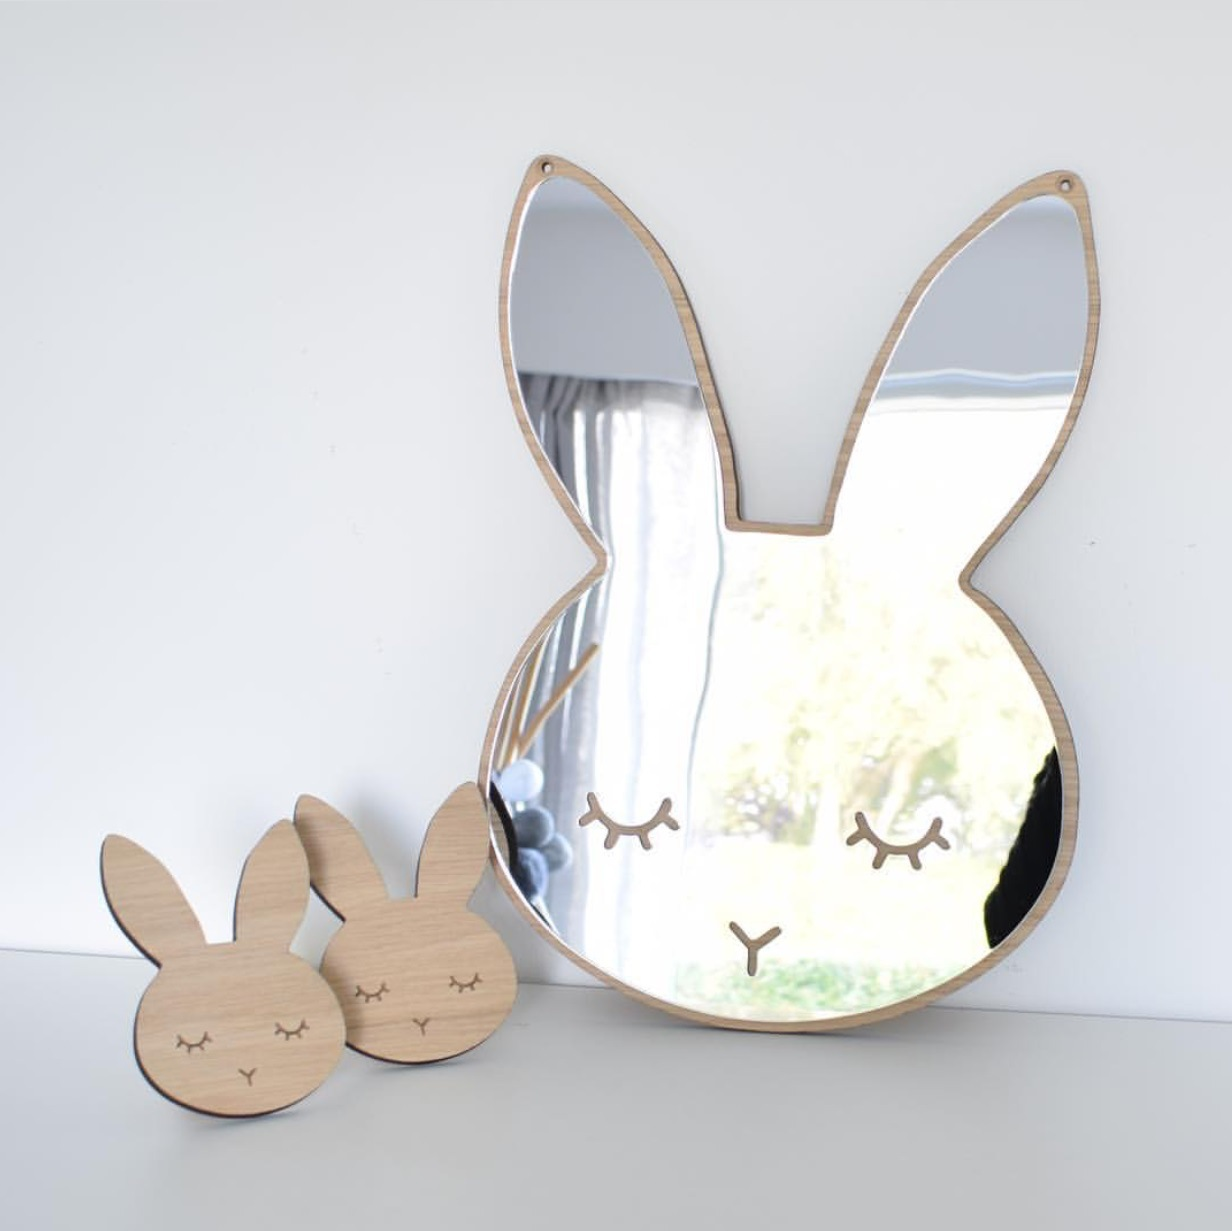 Gương acrylic nhiều hình cho bé